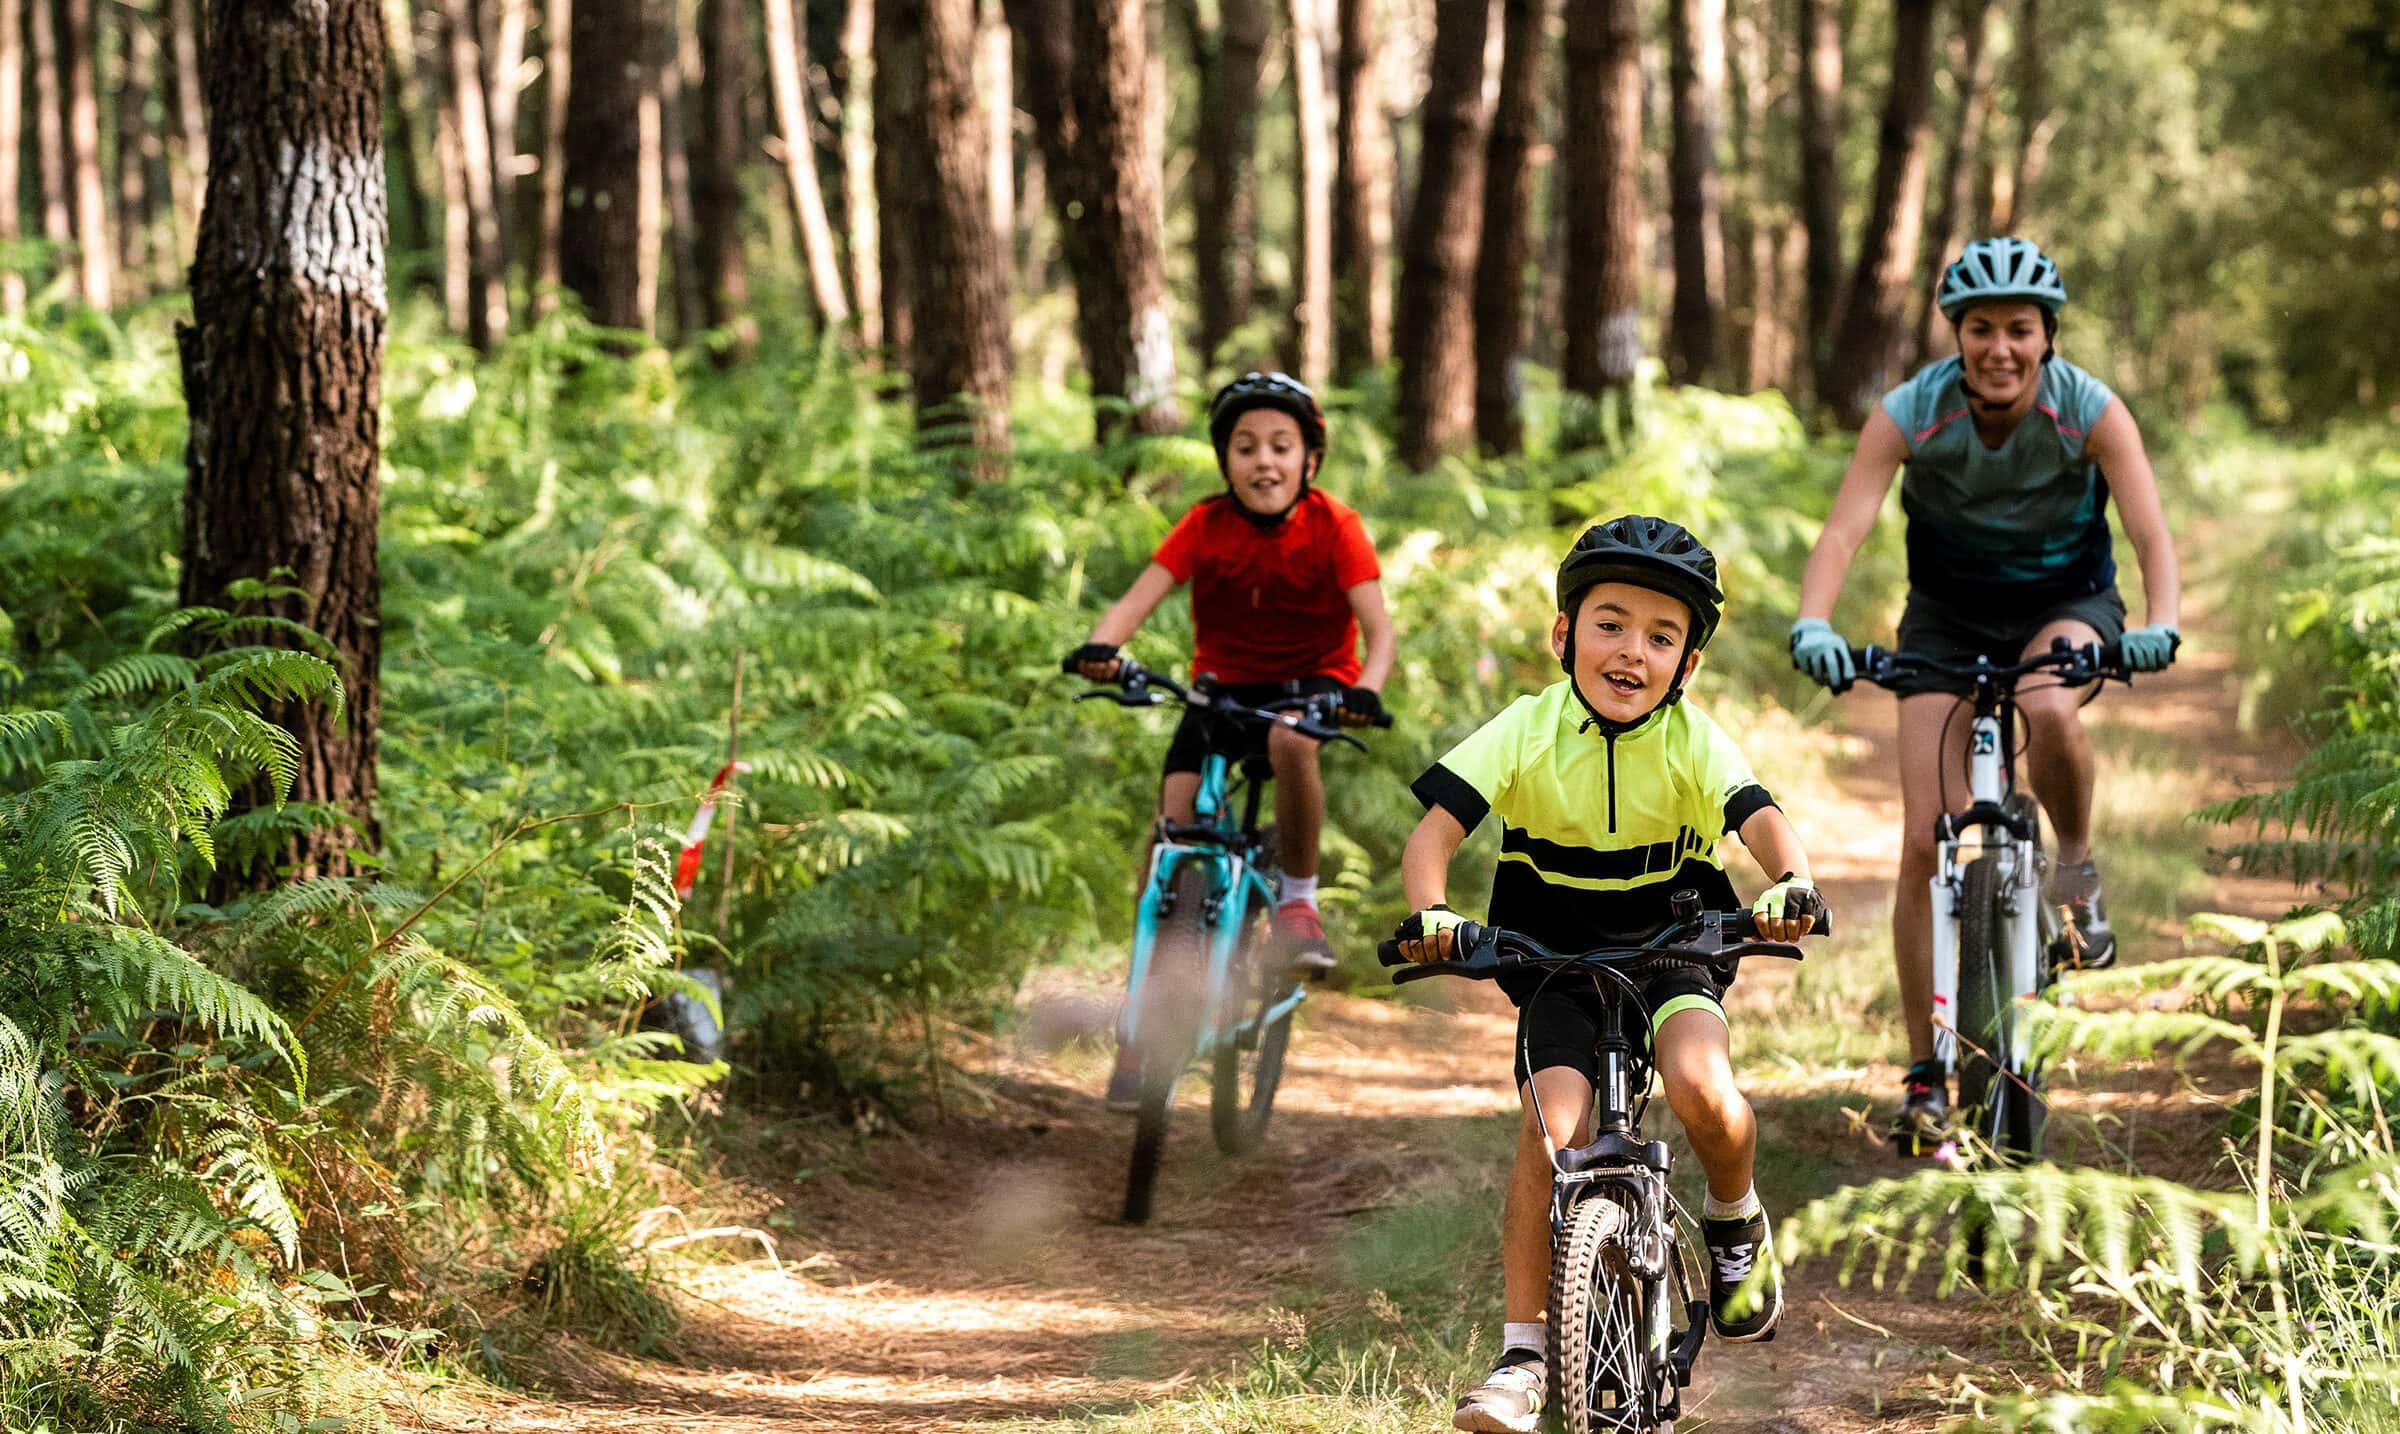 Eine Frau fährt mit zwei Kindern auf Bikes durch den Wald